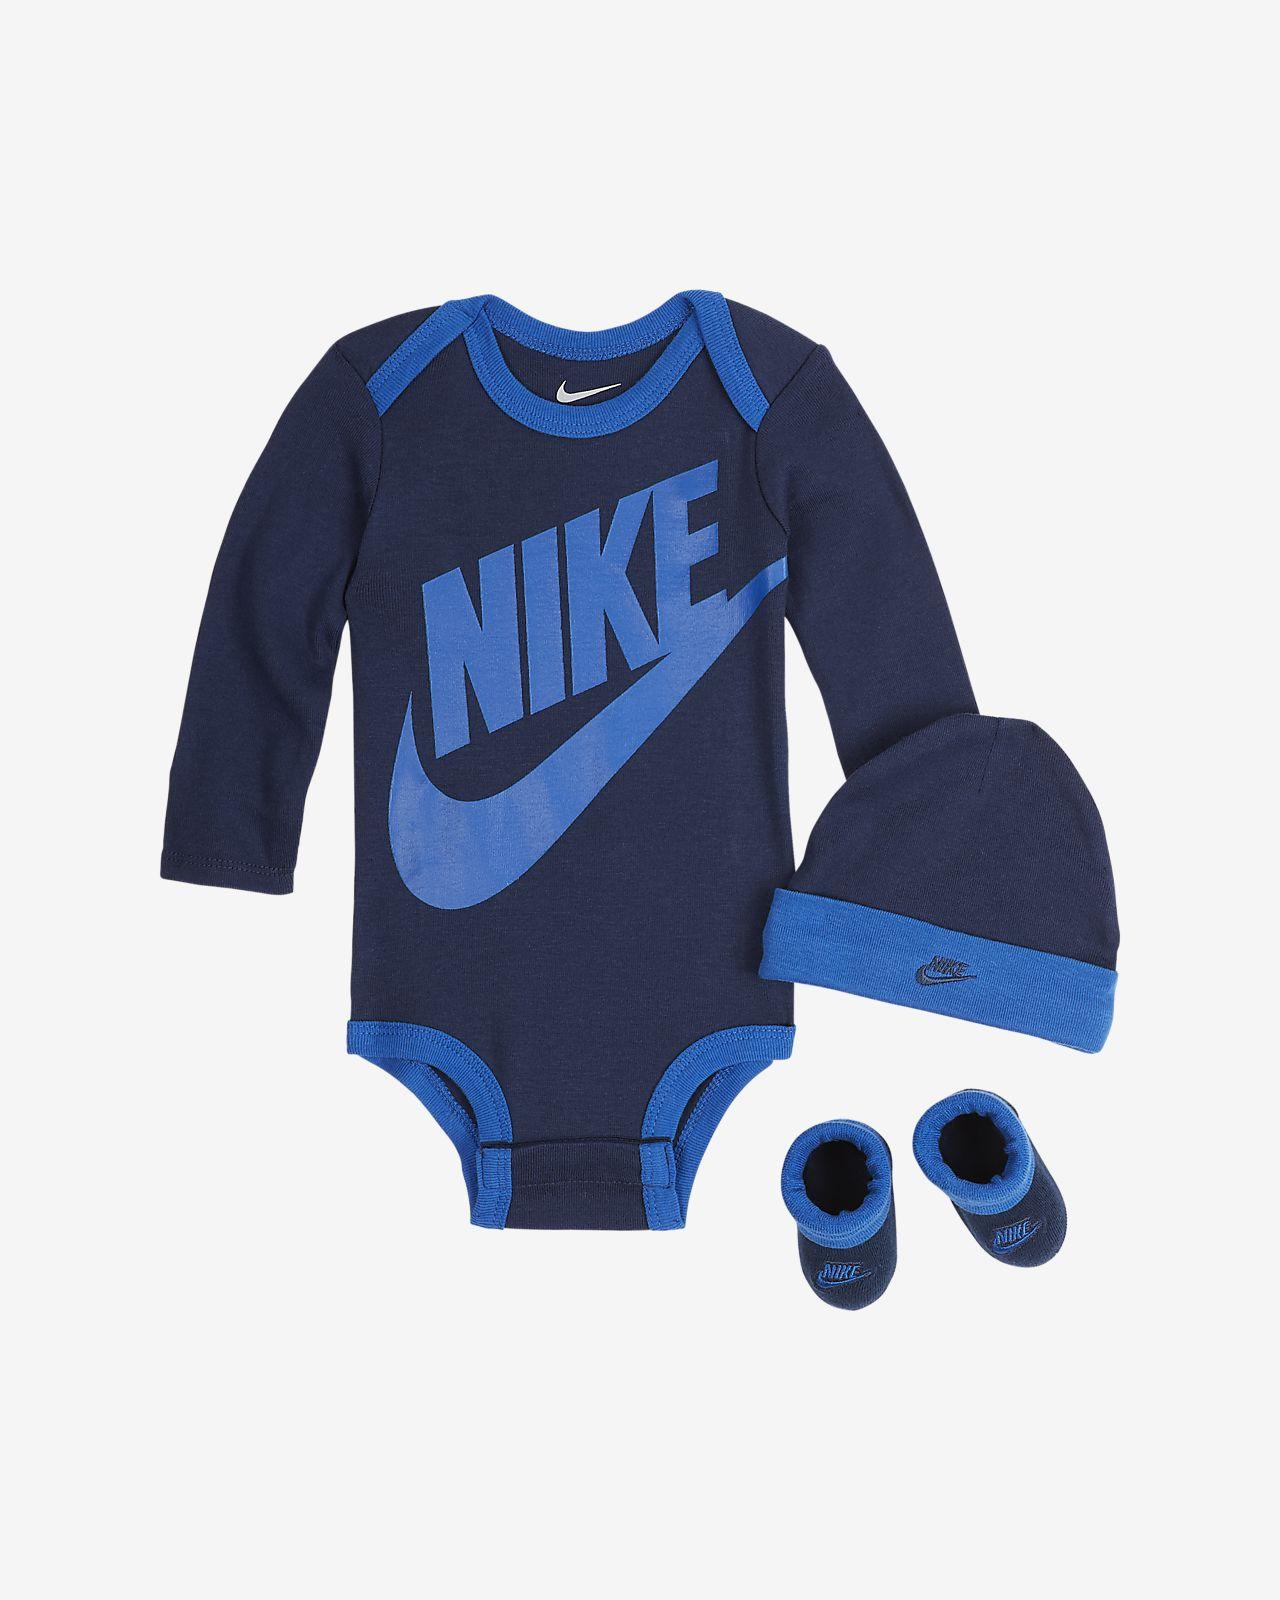 aus und Babys Schühchen Nike BodysuitMütze für Set Rjc3q5SL4A